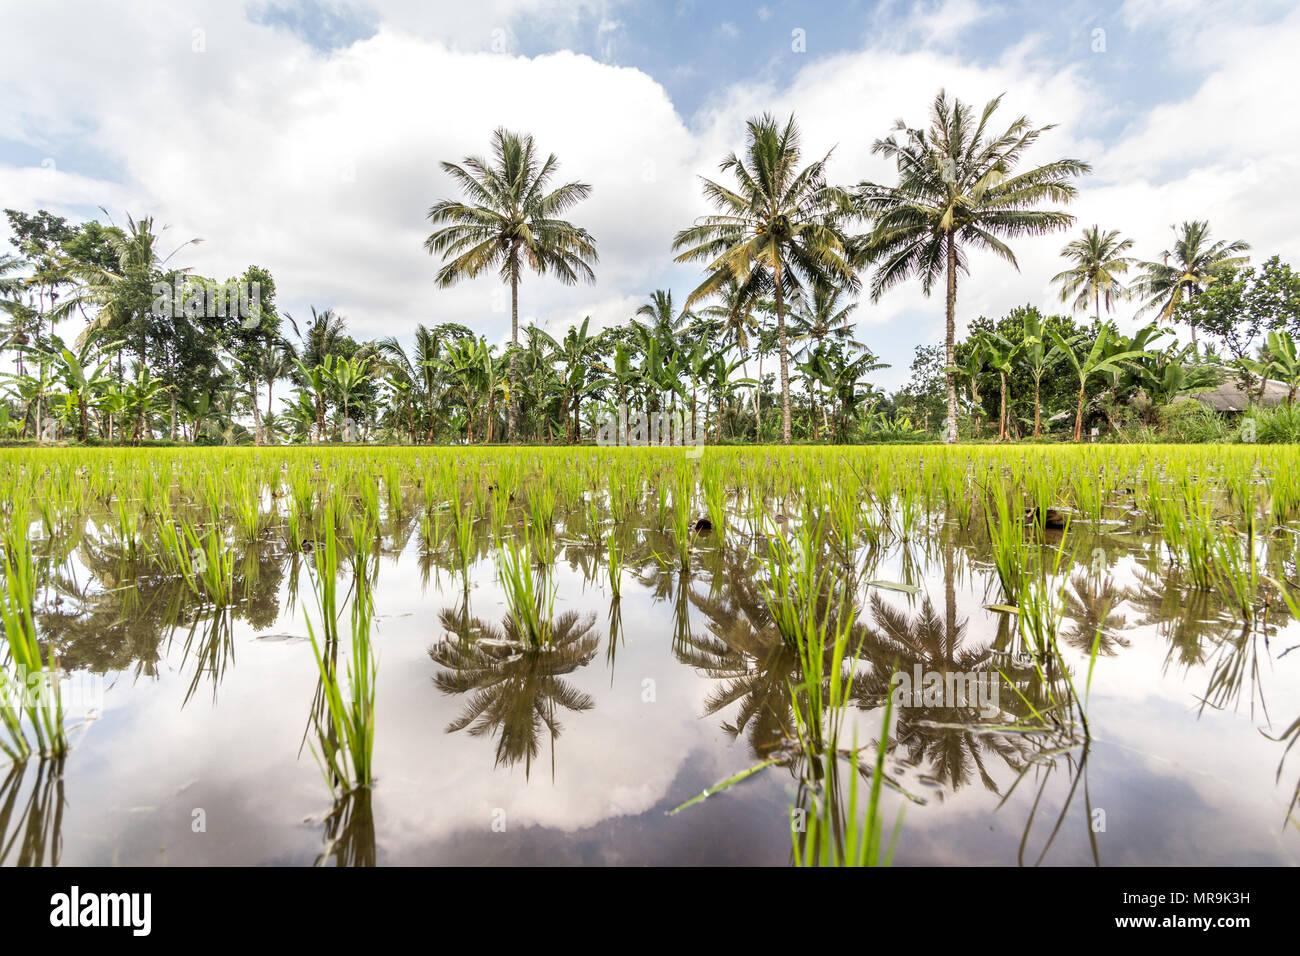 Los arrozales, Indonesia Imagen De Stock